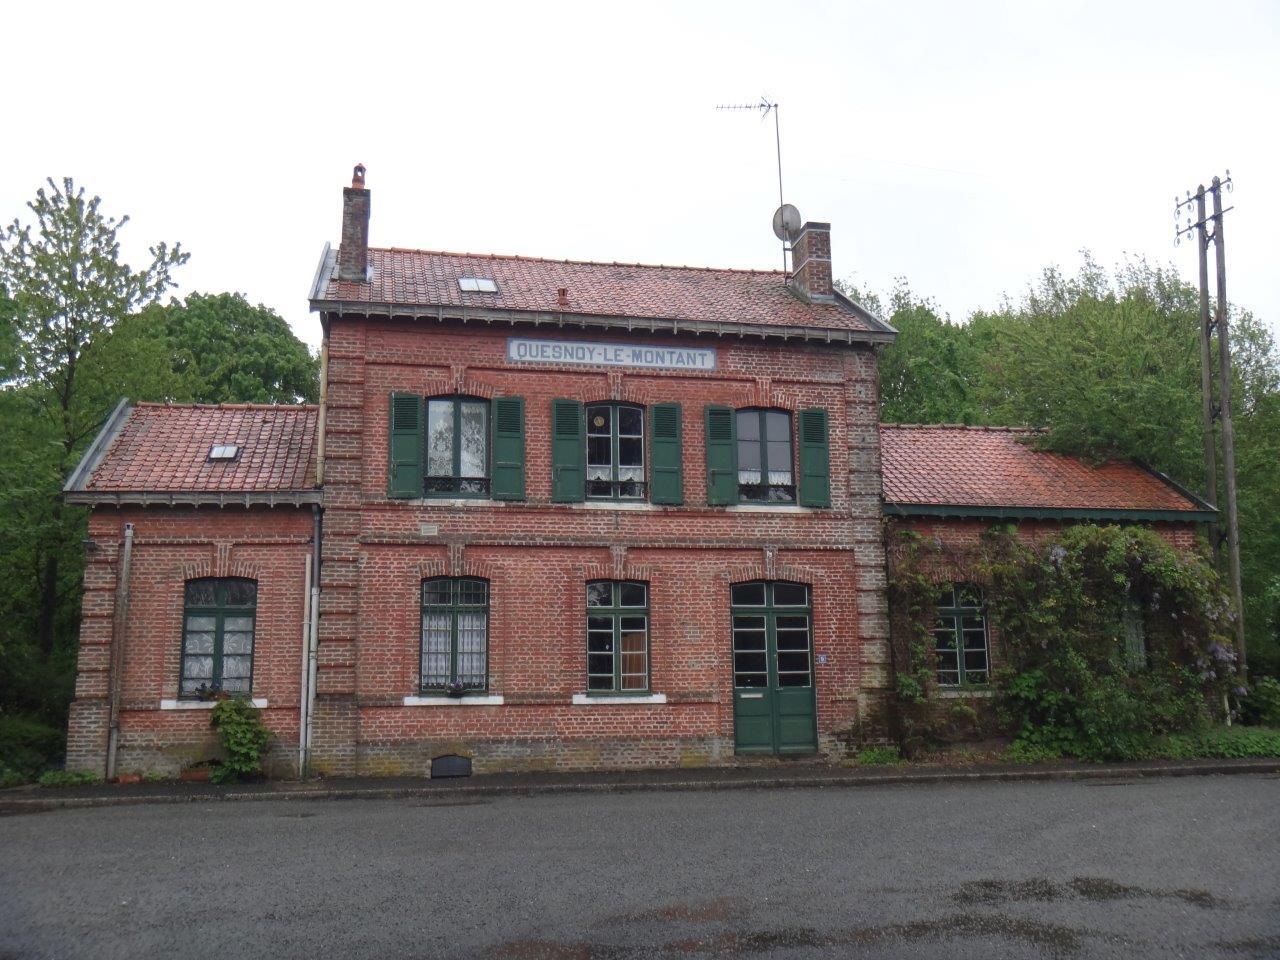 gare-de-quesnoy-le-montant-train-station